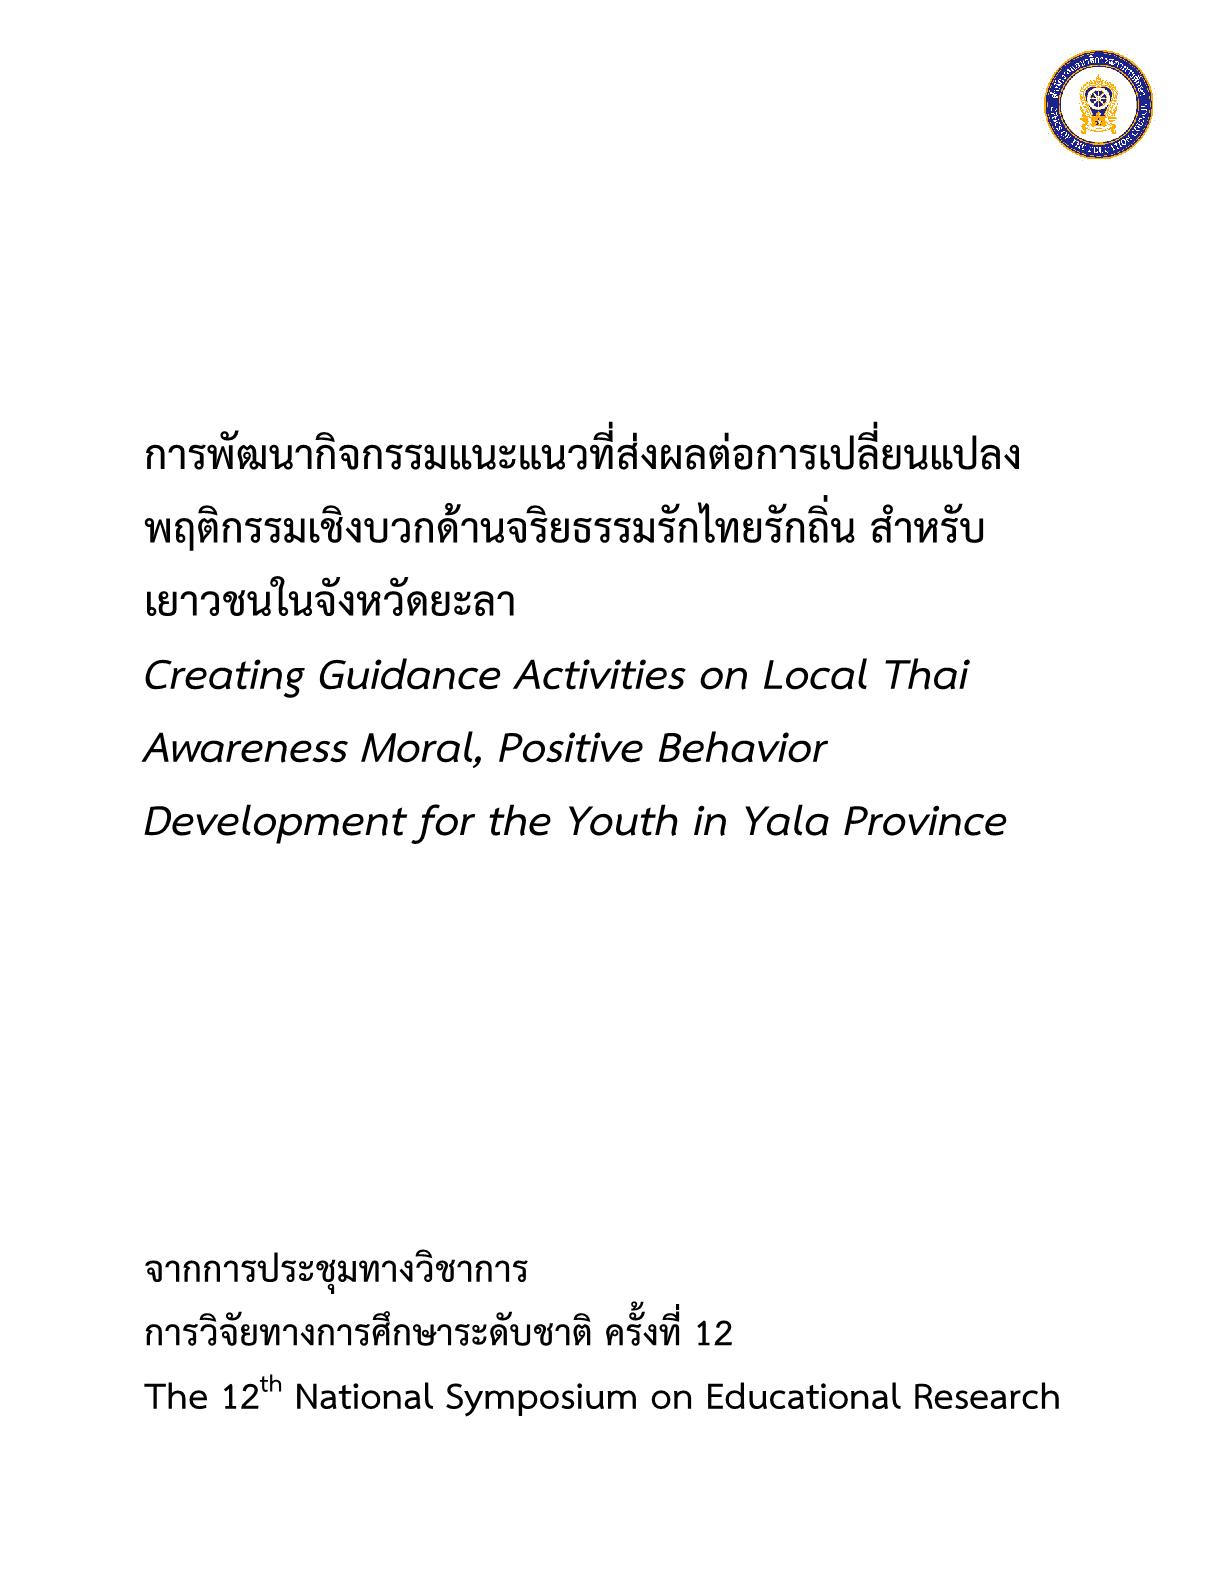 การพัฒนากิจกรรมแนะแนวที่ส่งผลต่อการเปลี่ยนแปลงพฤติกรรมเชิงบวกด้านจริยธรรมรักไทยรักถิ่น สำหรับเยาวชนในจังหวัดยะลา